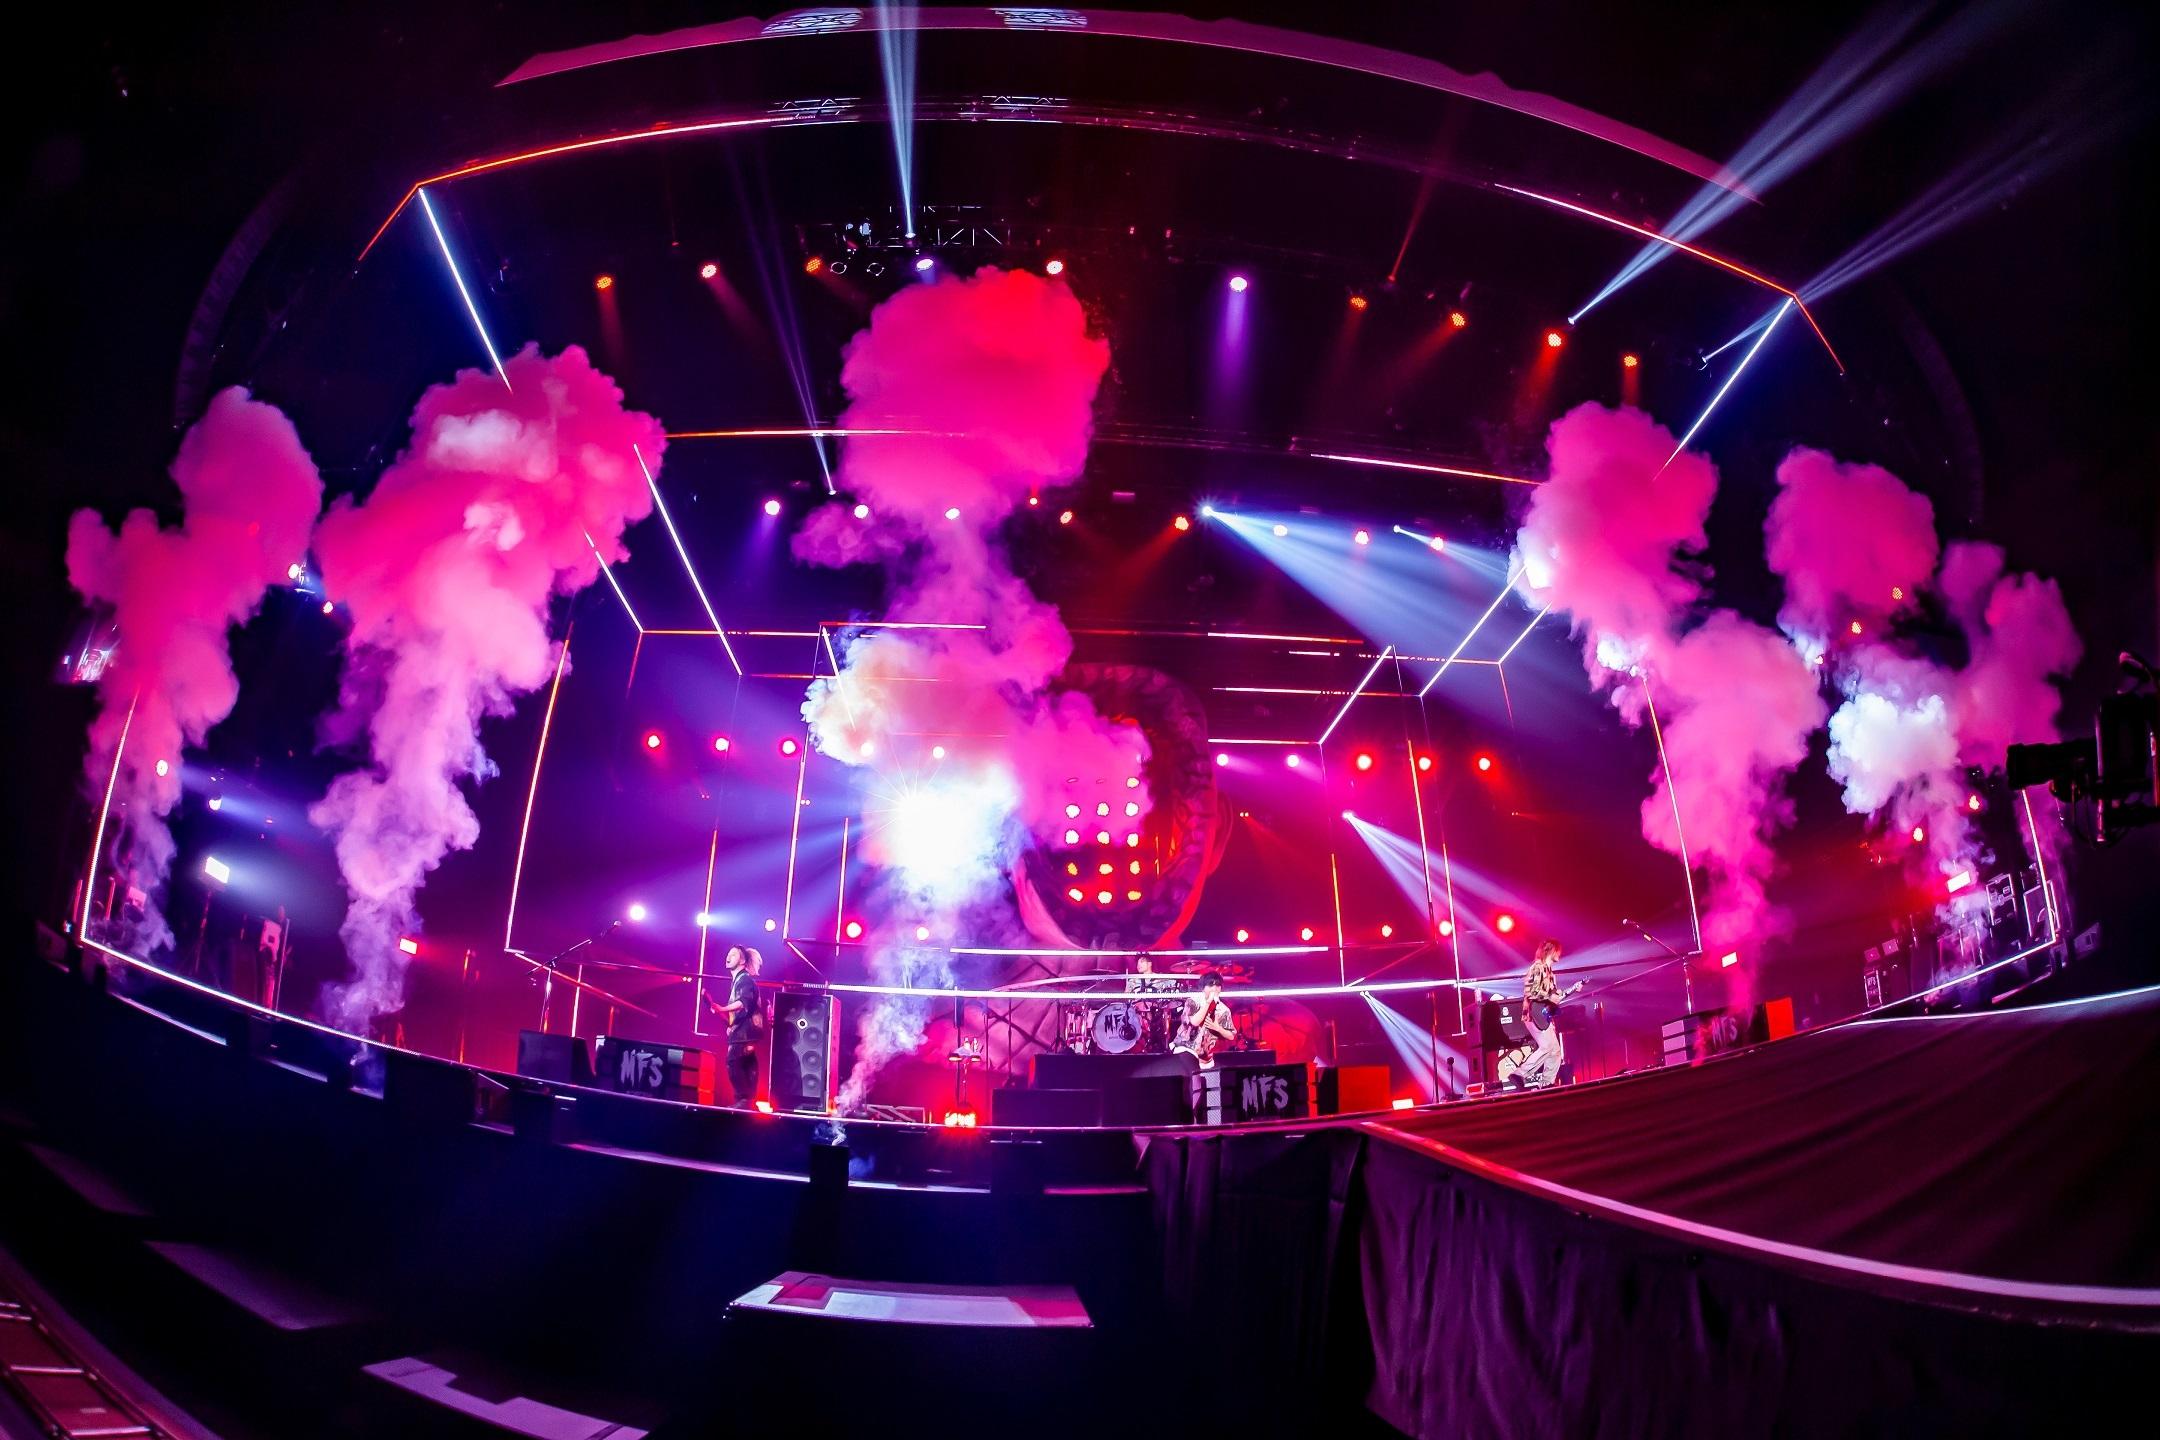 『MY FIRST STORY TOUR 2019 FINAL at SAITAMA SUPER ARENA』